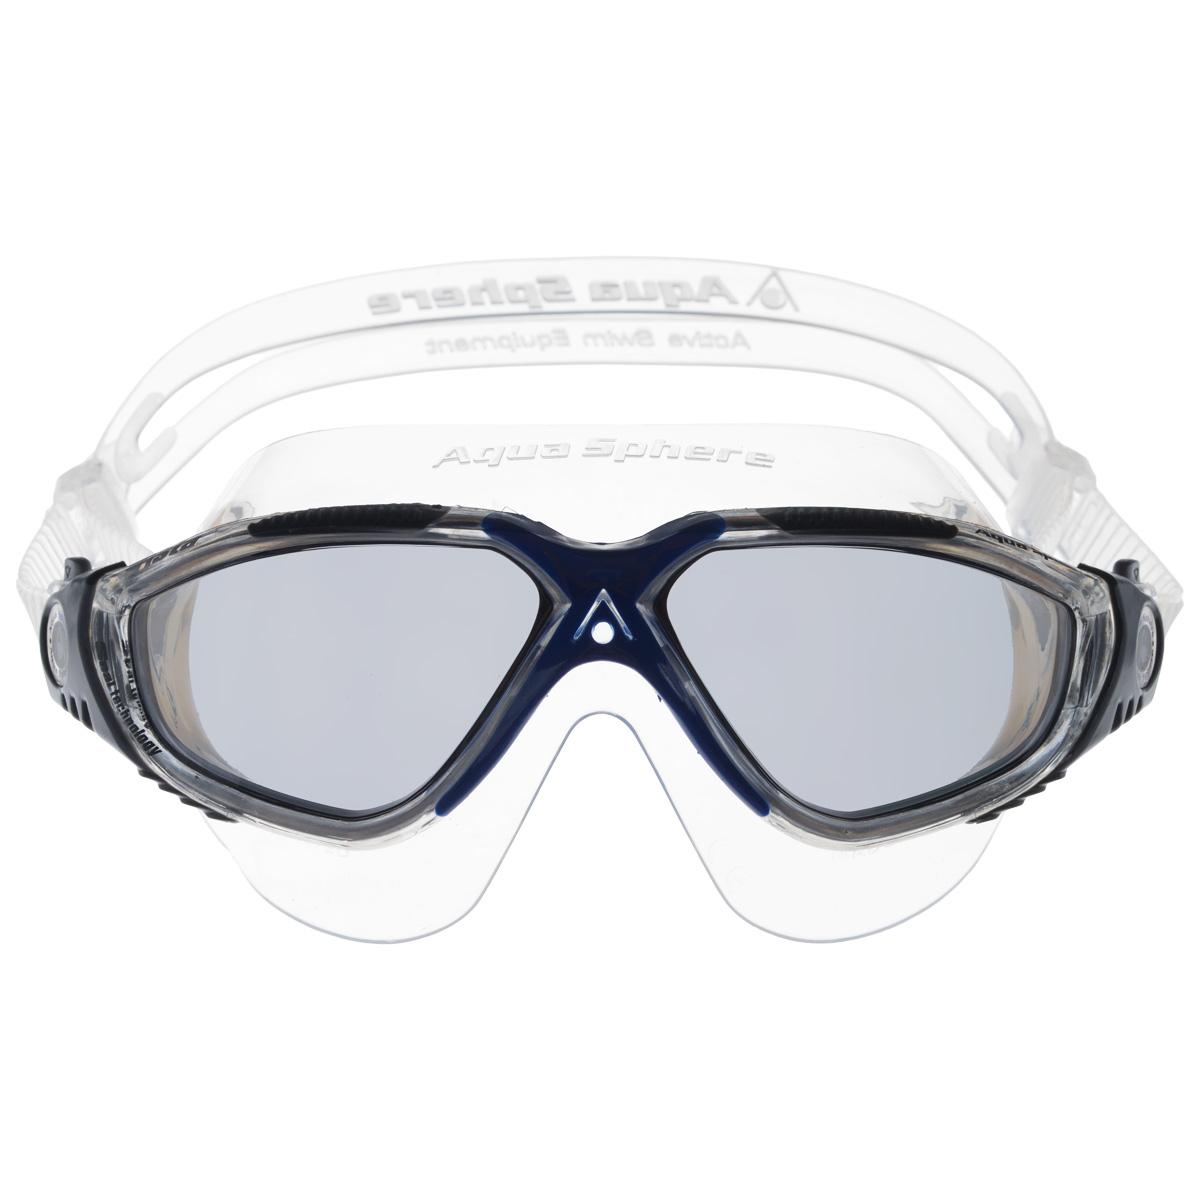 Очки для плавания Aqua Sphere Vista, темные линзы, цвет: серый, синий цена